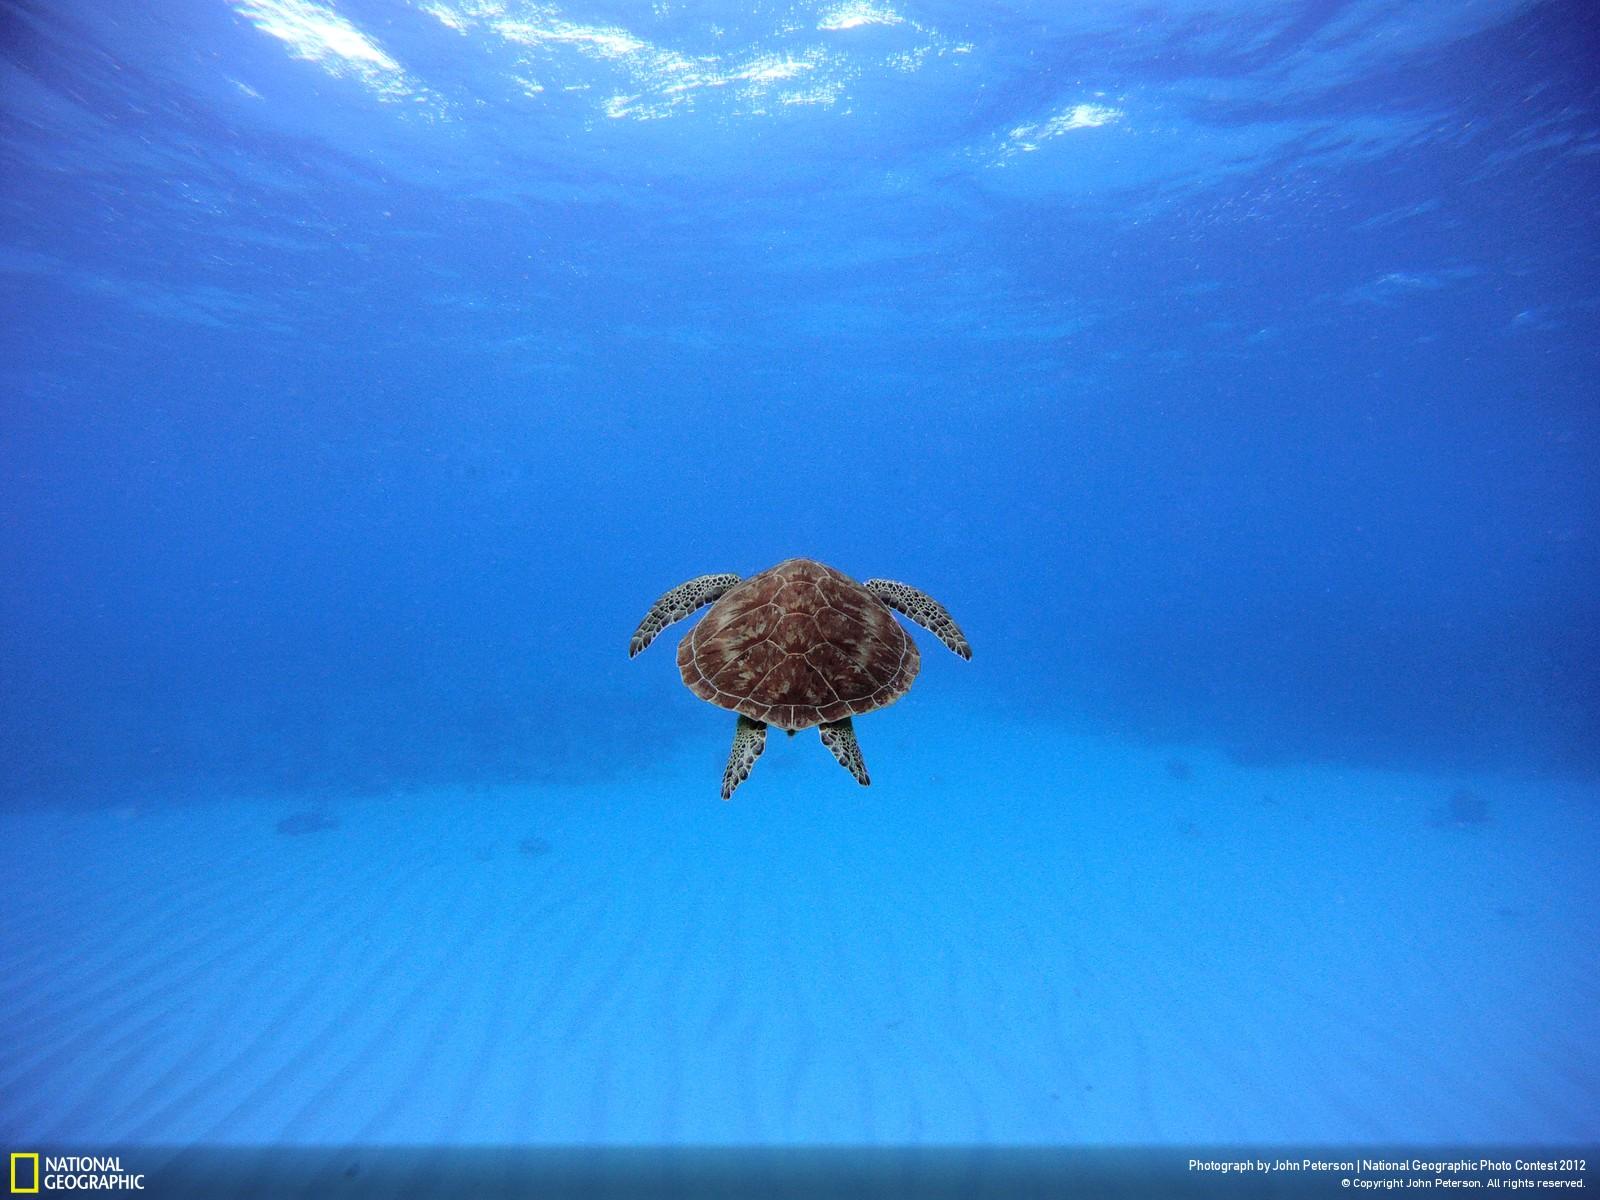 23 Лучшие фотографии за 2012 год по версии National Geographic